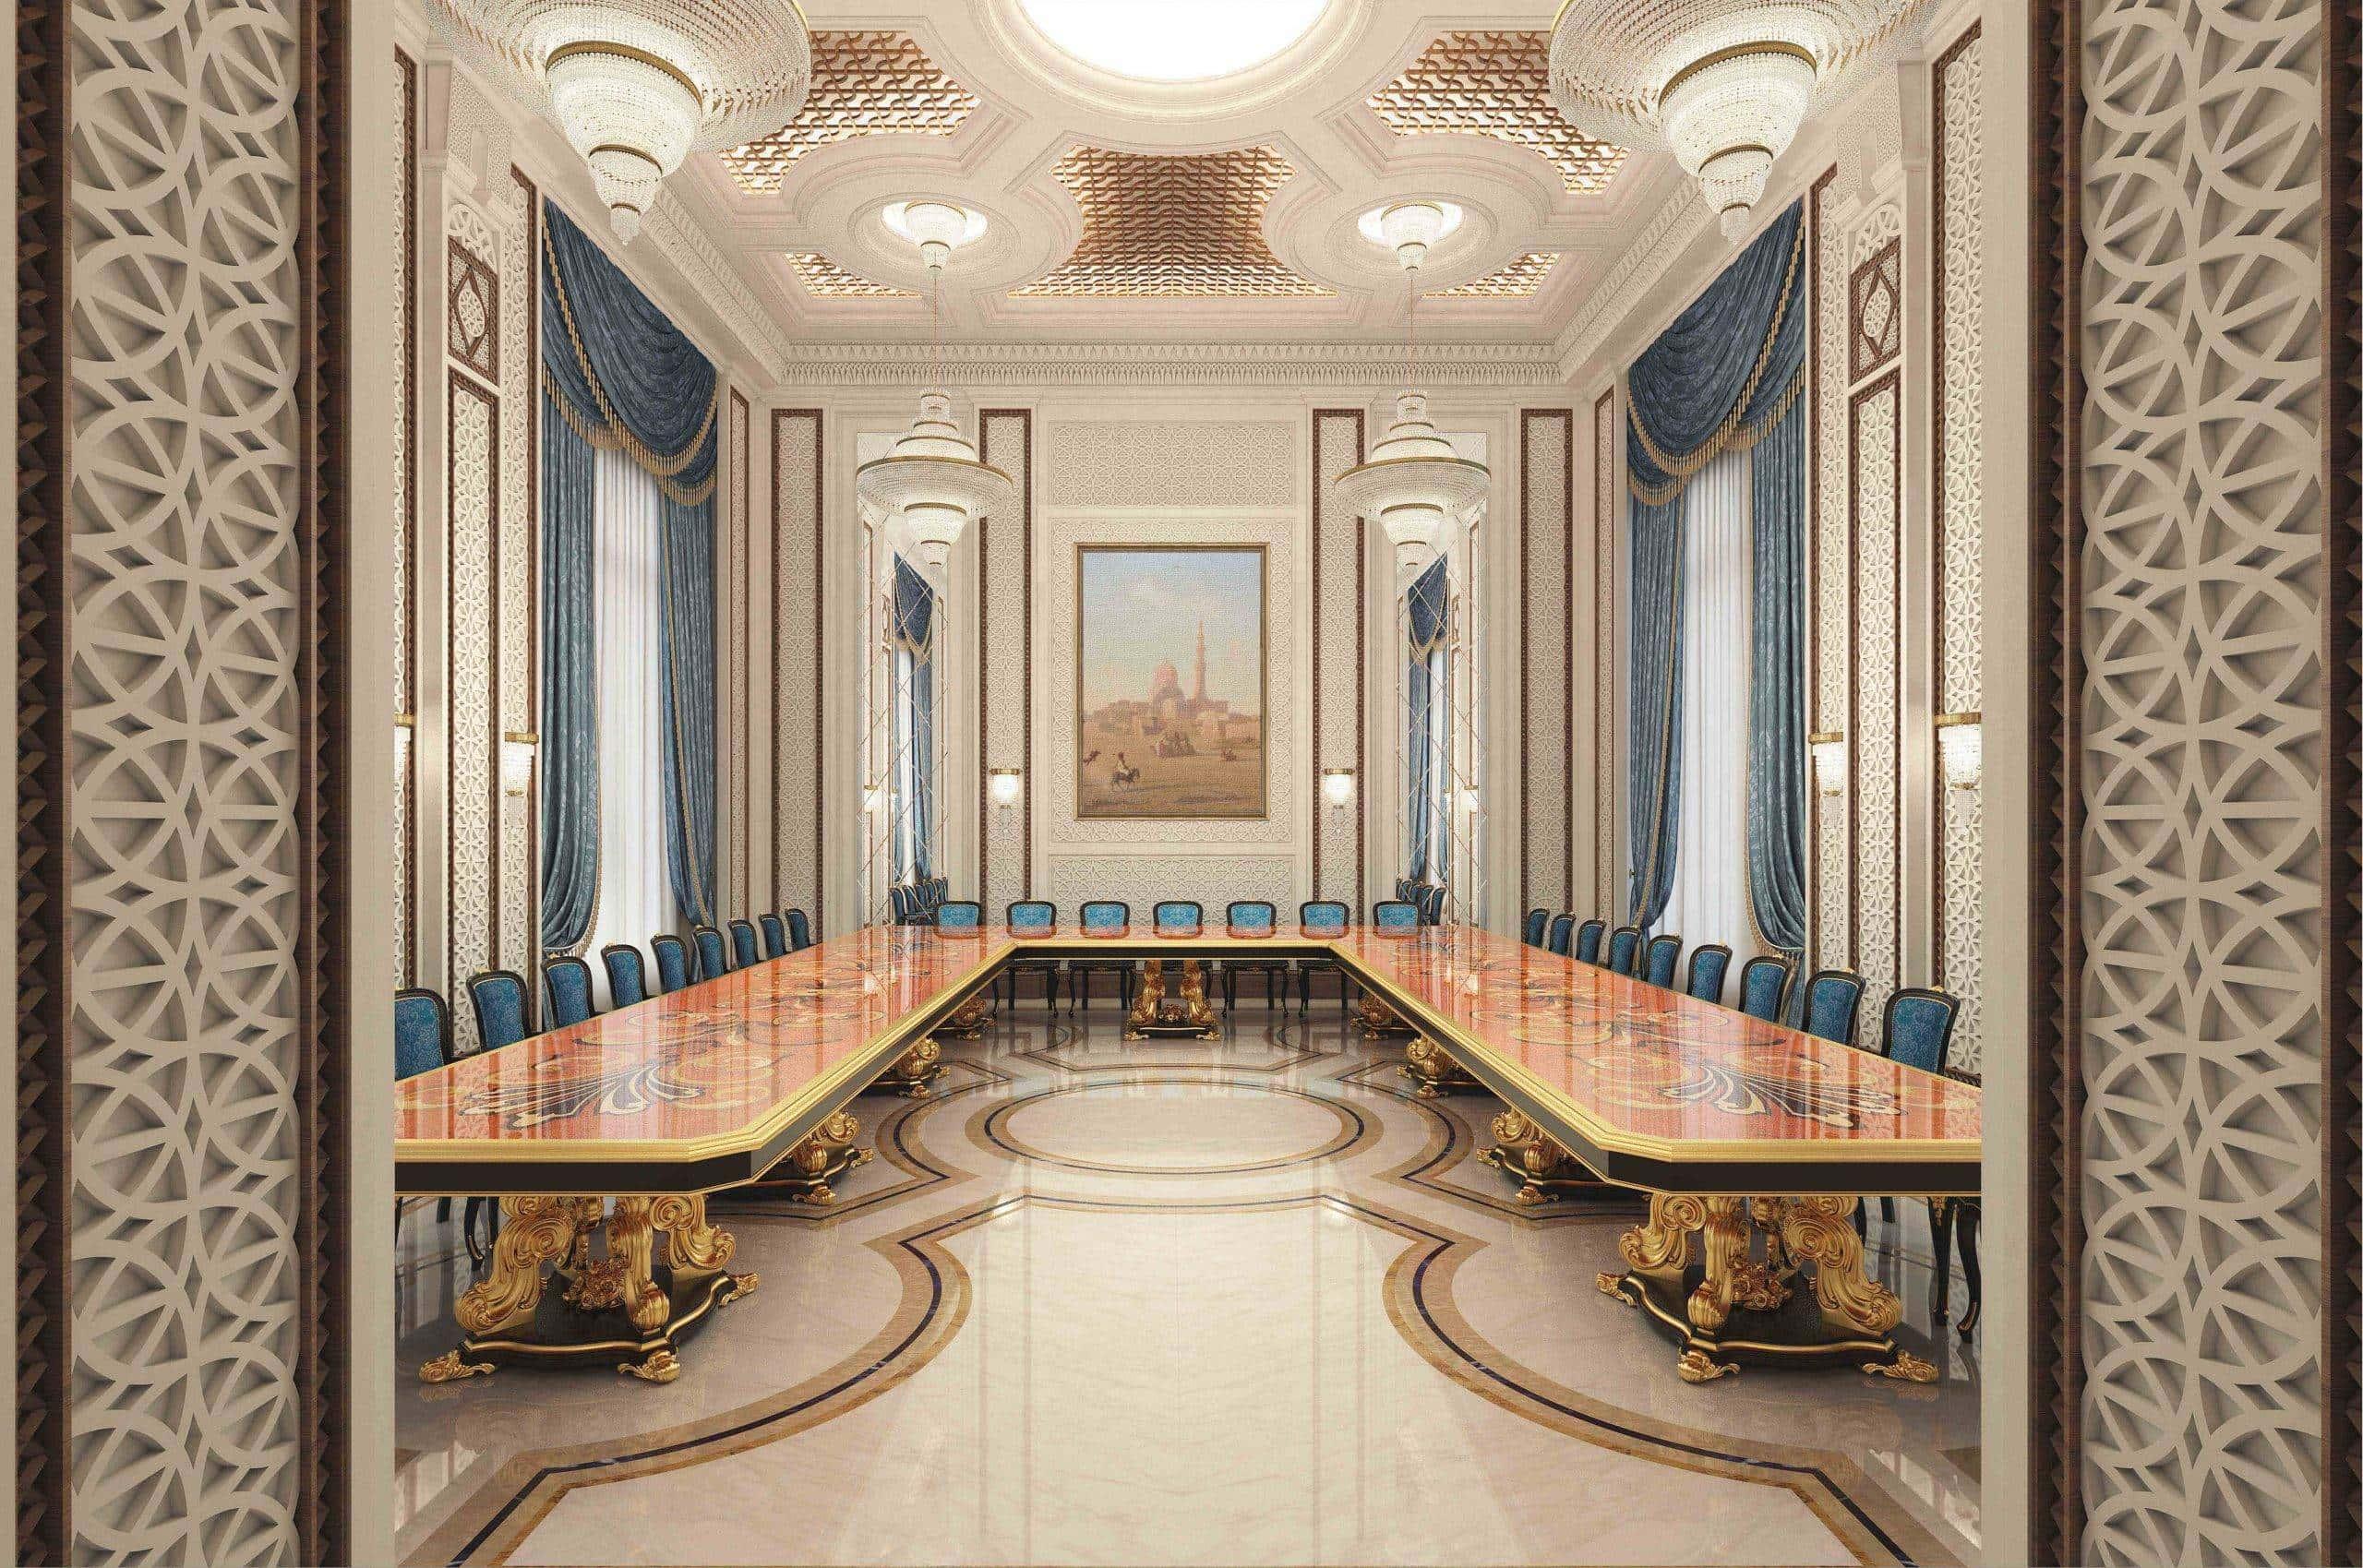 роскошный элегантный уникальный топовый дизайн интерьеров в классическом стиле итальянский дизайн виллы апартаментов индивидуальный проект дизайна интерьеров